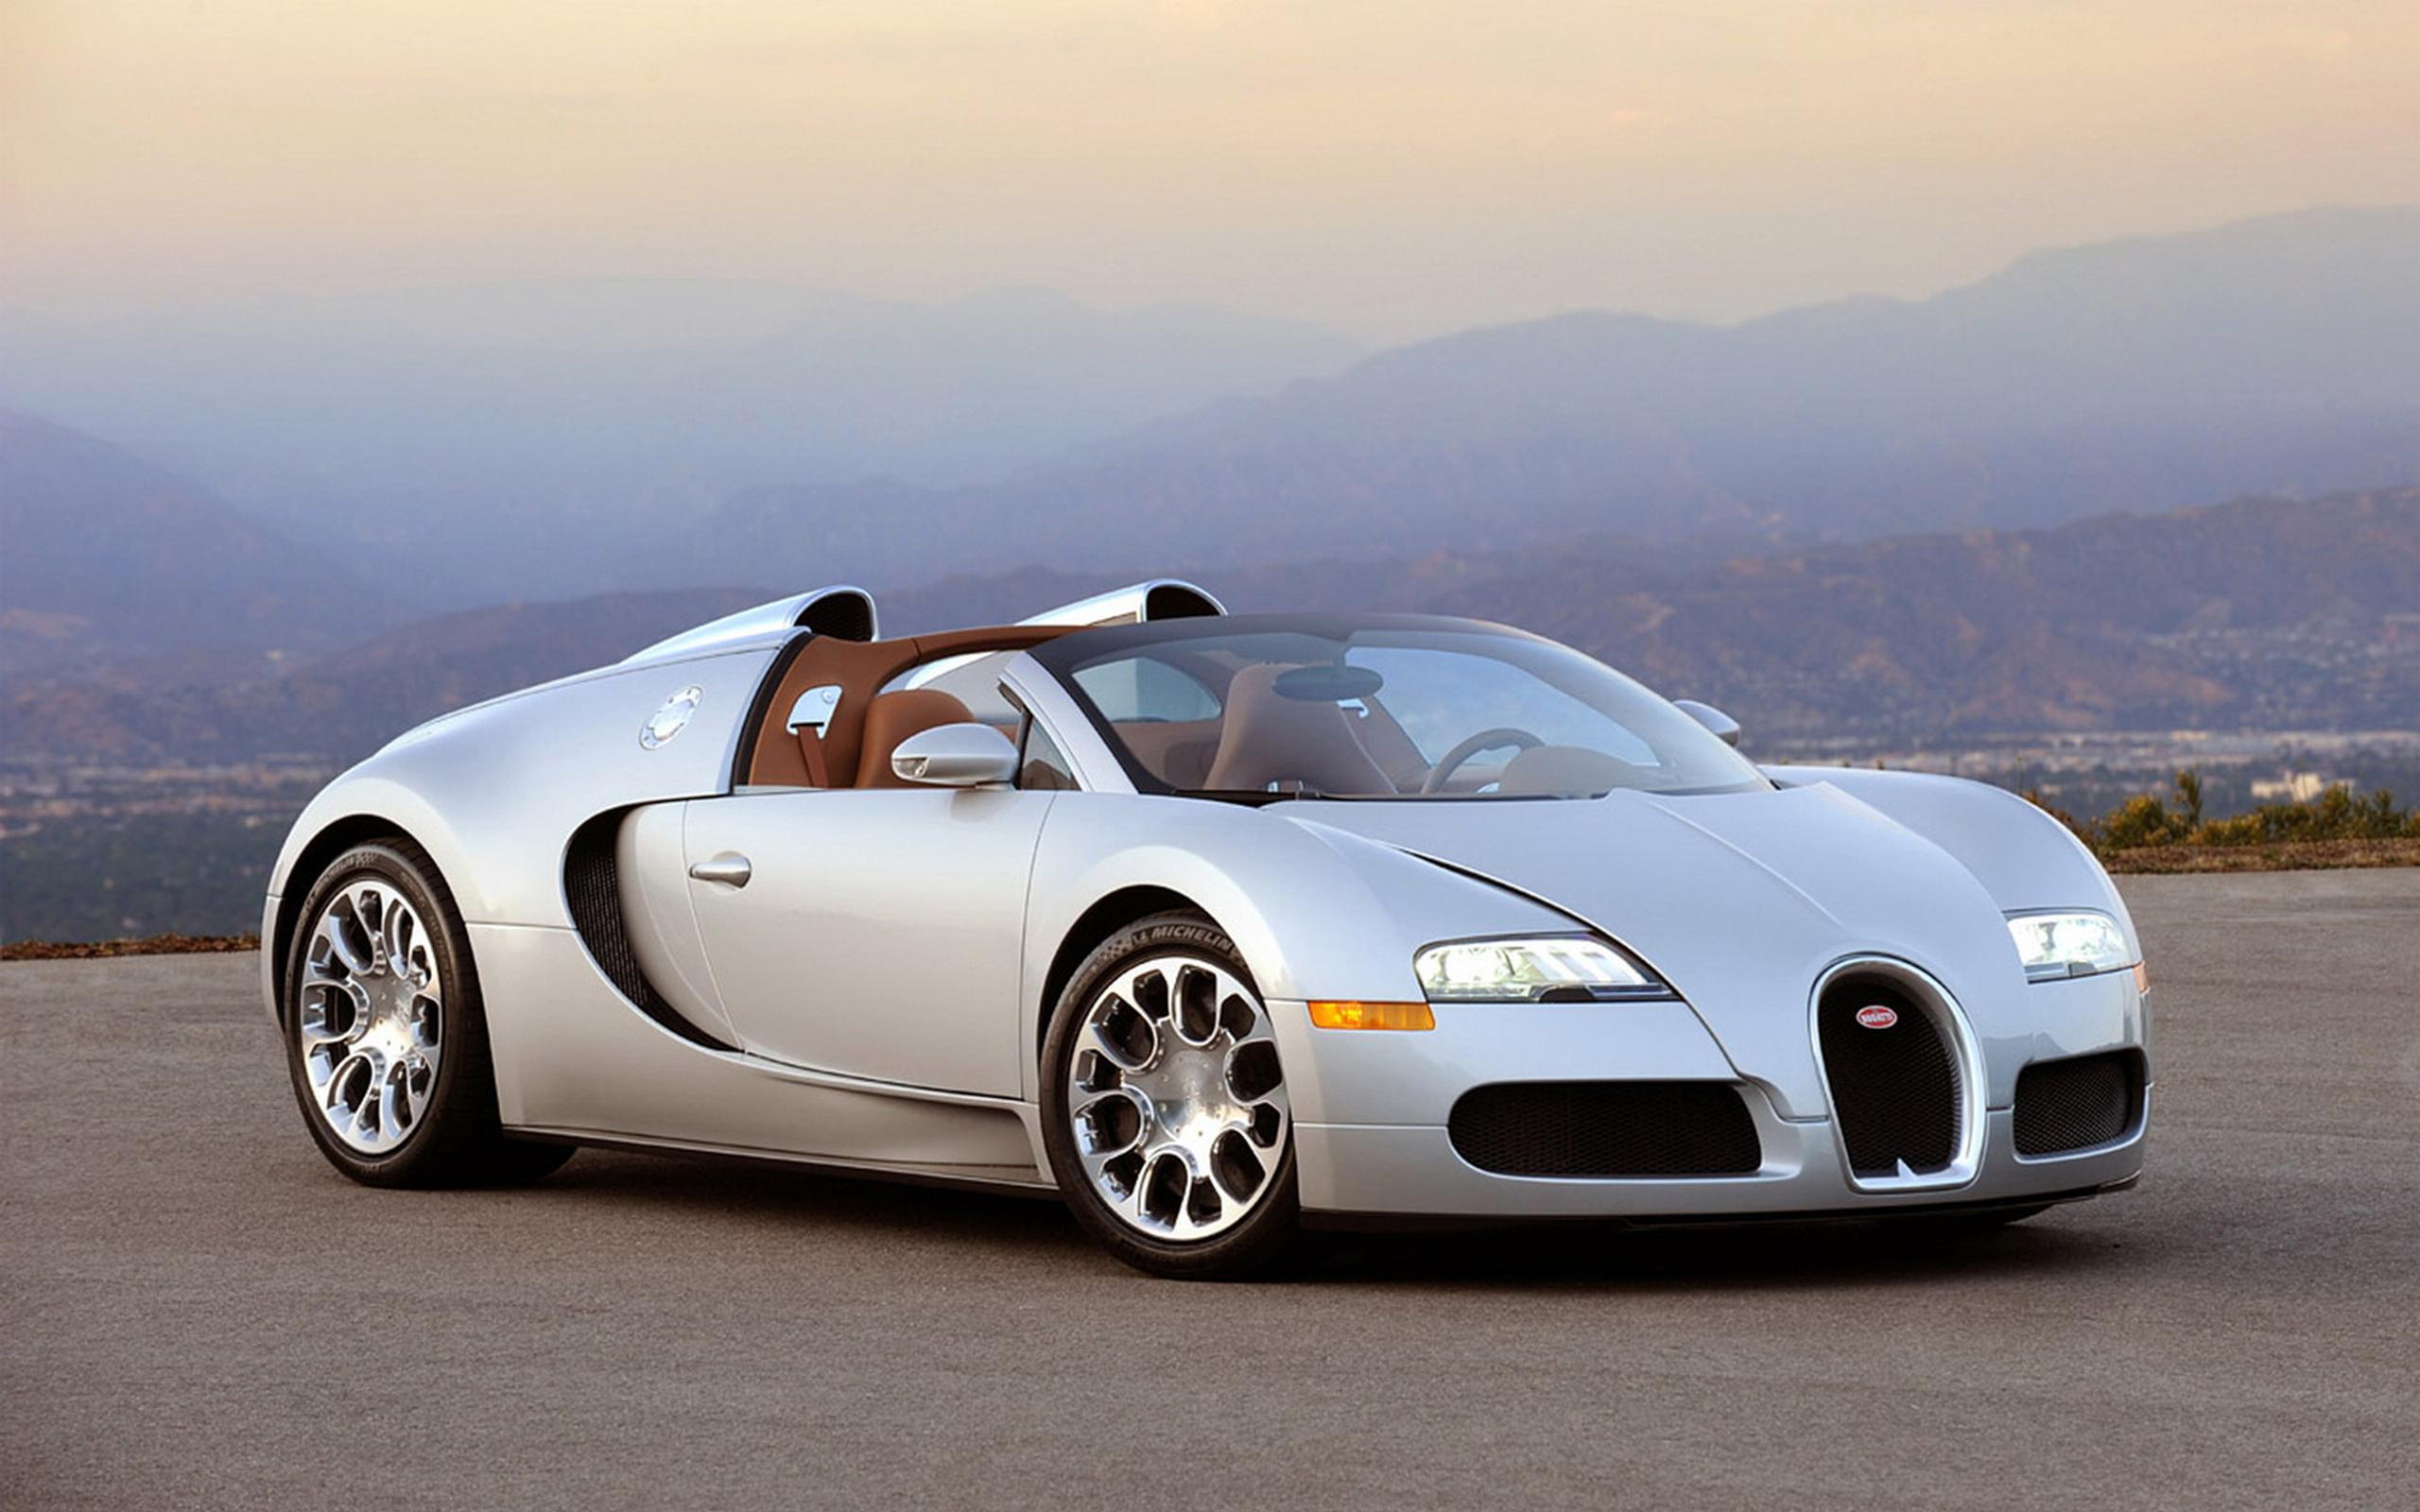 Gray Bugatti Veyron Cars Wallpaper Wallpaper Download 2560x1600